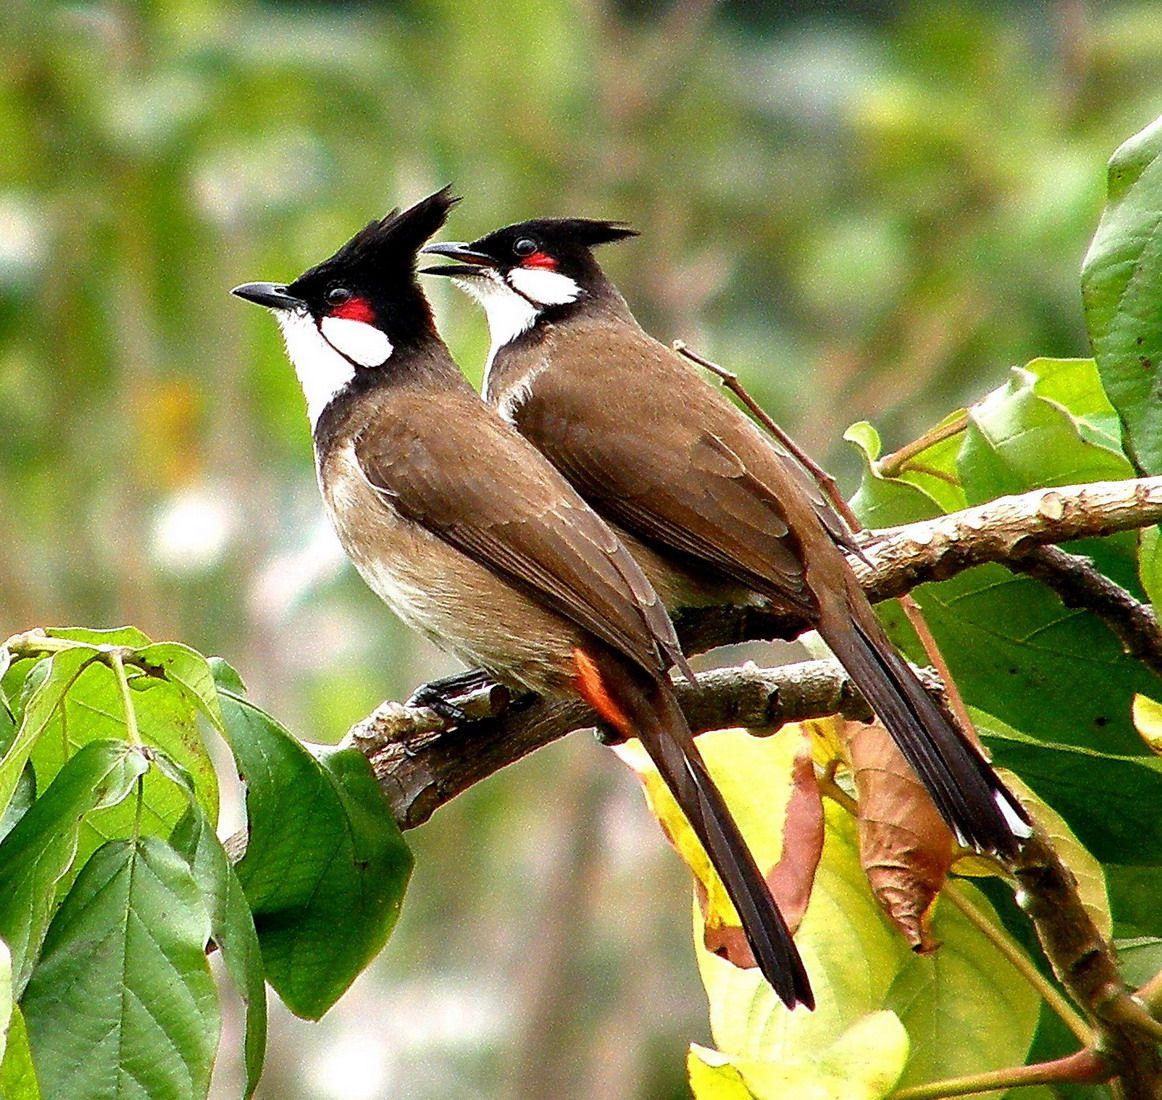 بالصور اجمل الطيور في العالم , احلي واروع اشكال الطيور المميزة في العالم 2162 3